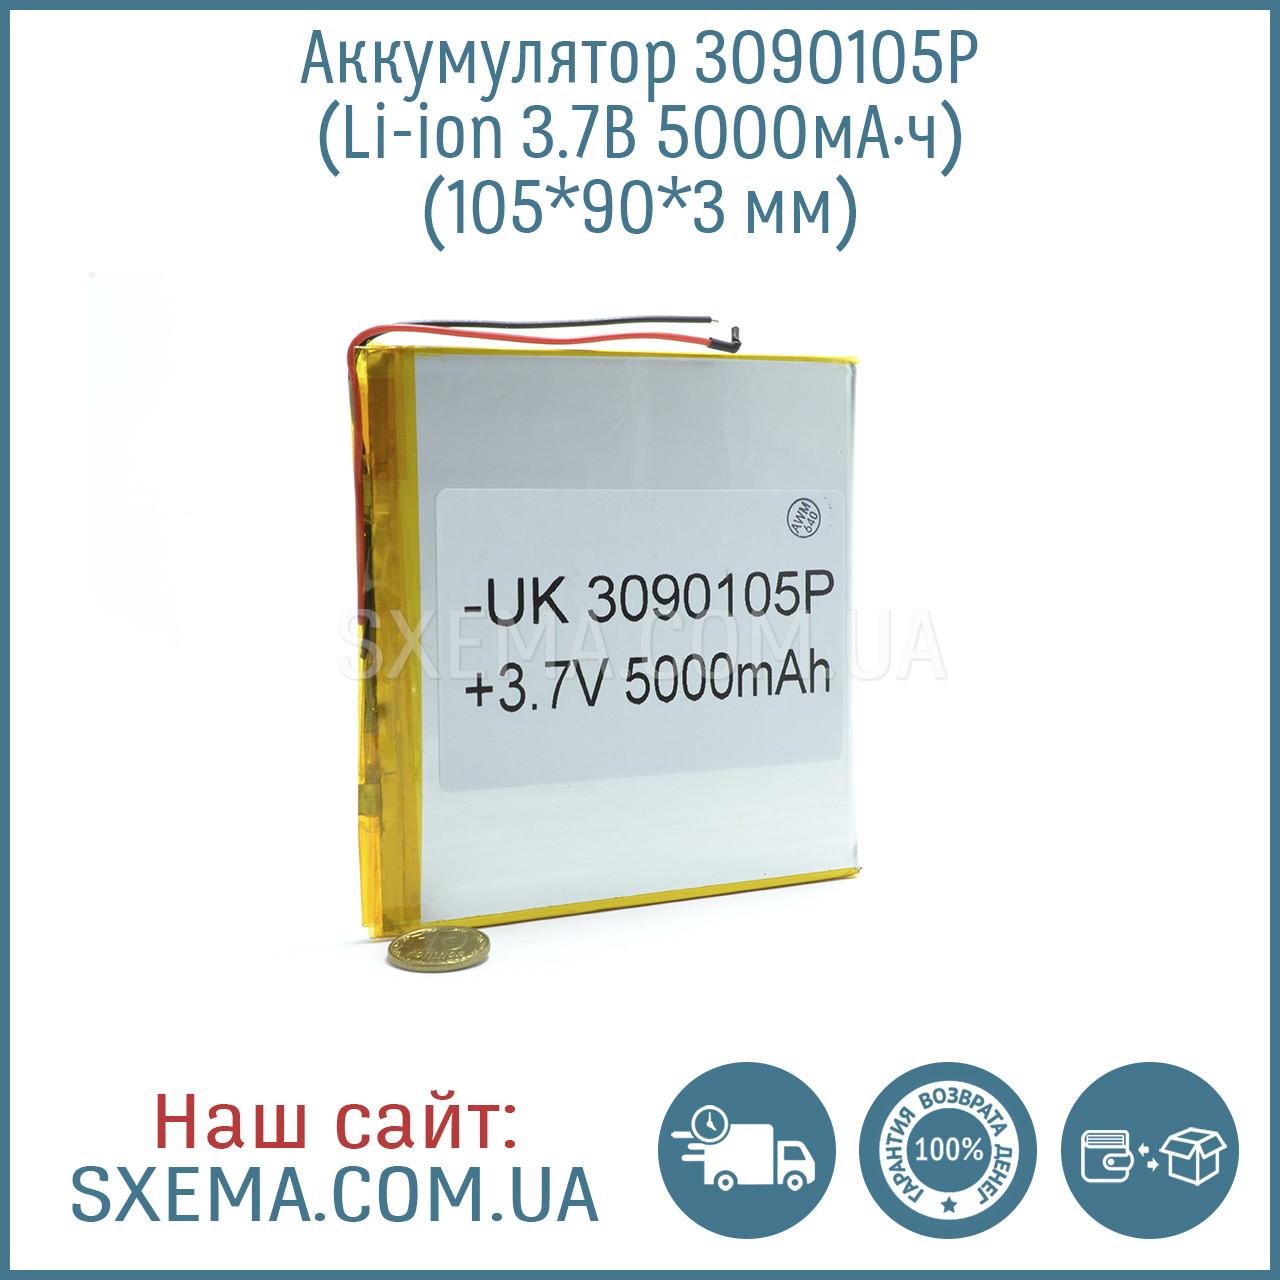 Аккумулятор универсальный 3090105   (Li-ion 3.7В 5000мА·ч), (105*90*3 мм)